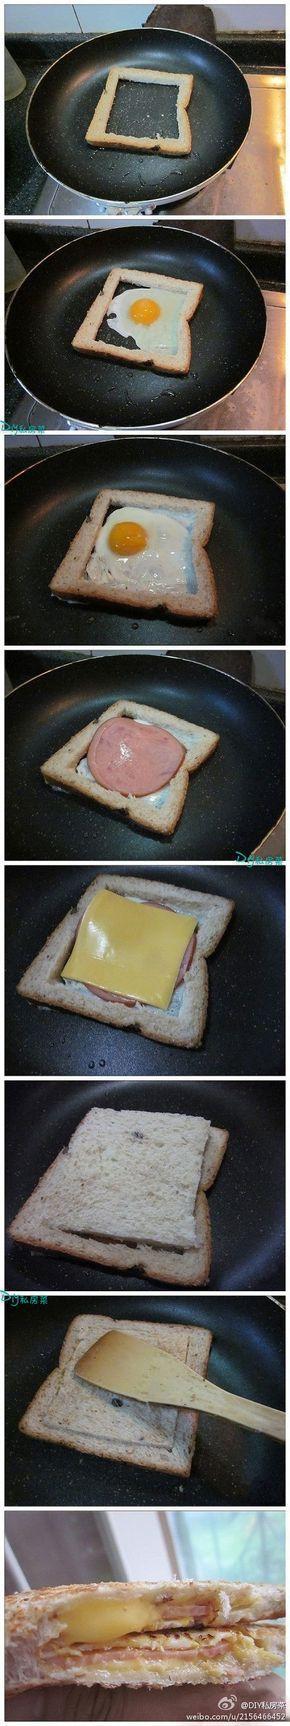 desayunos perfectos :)